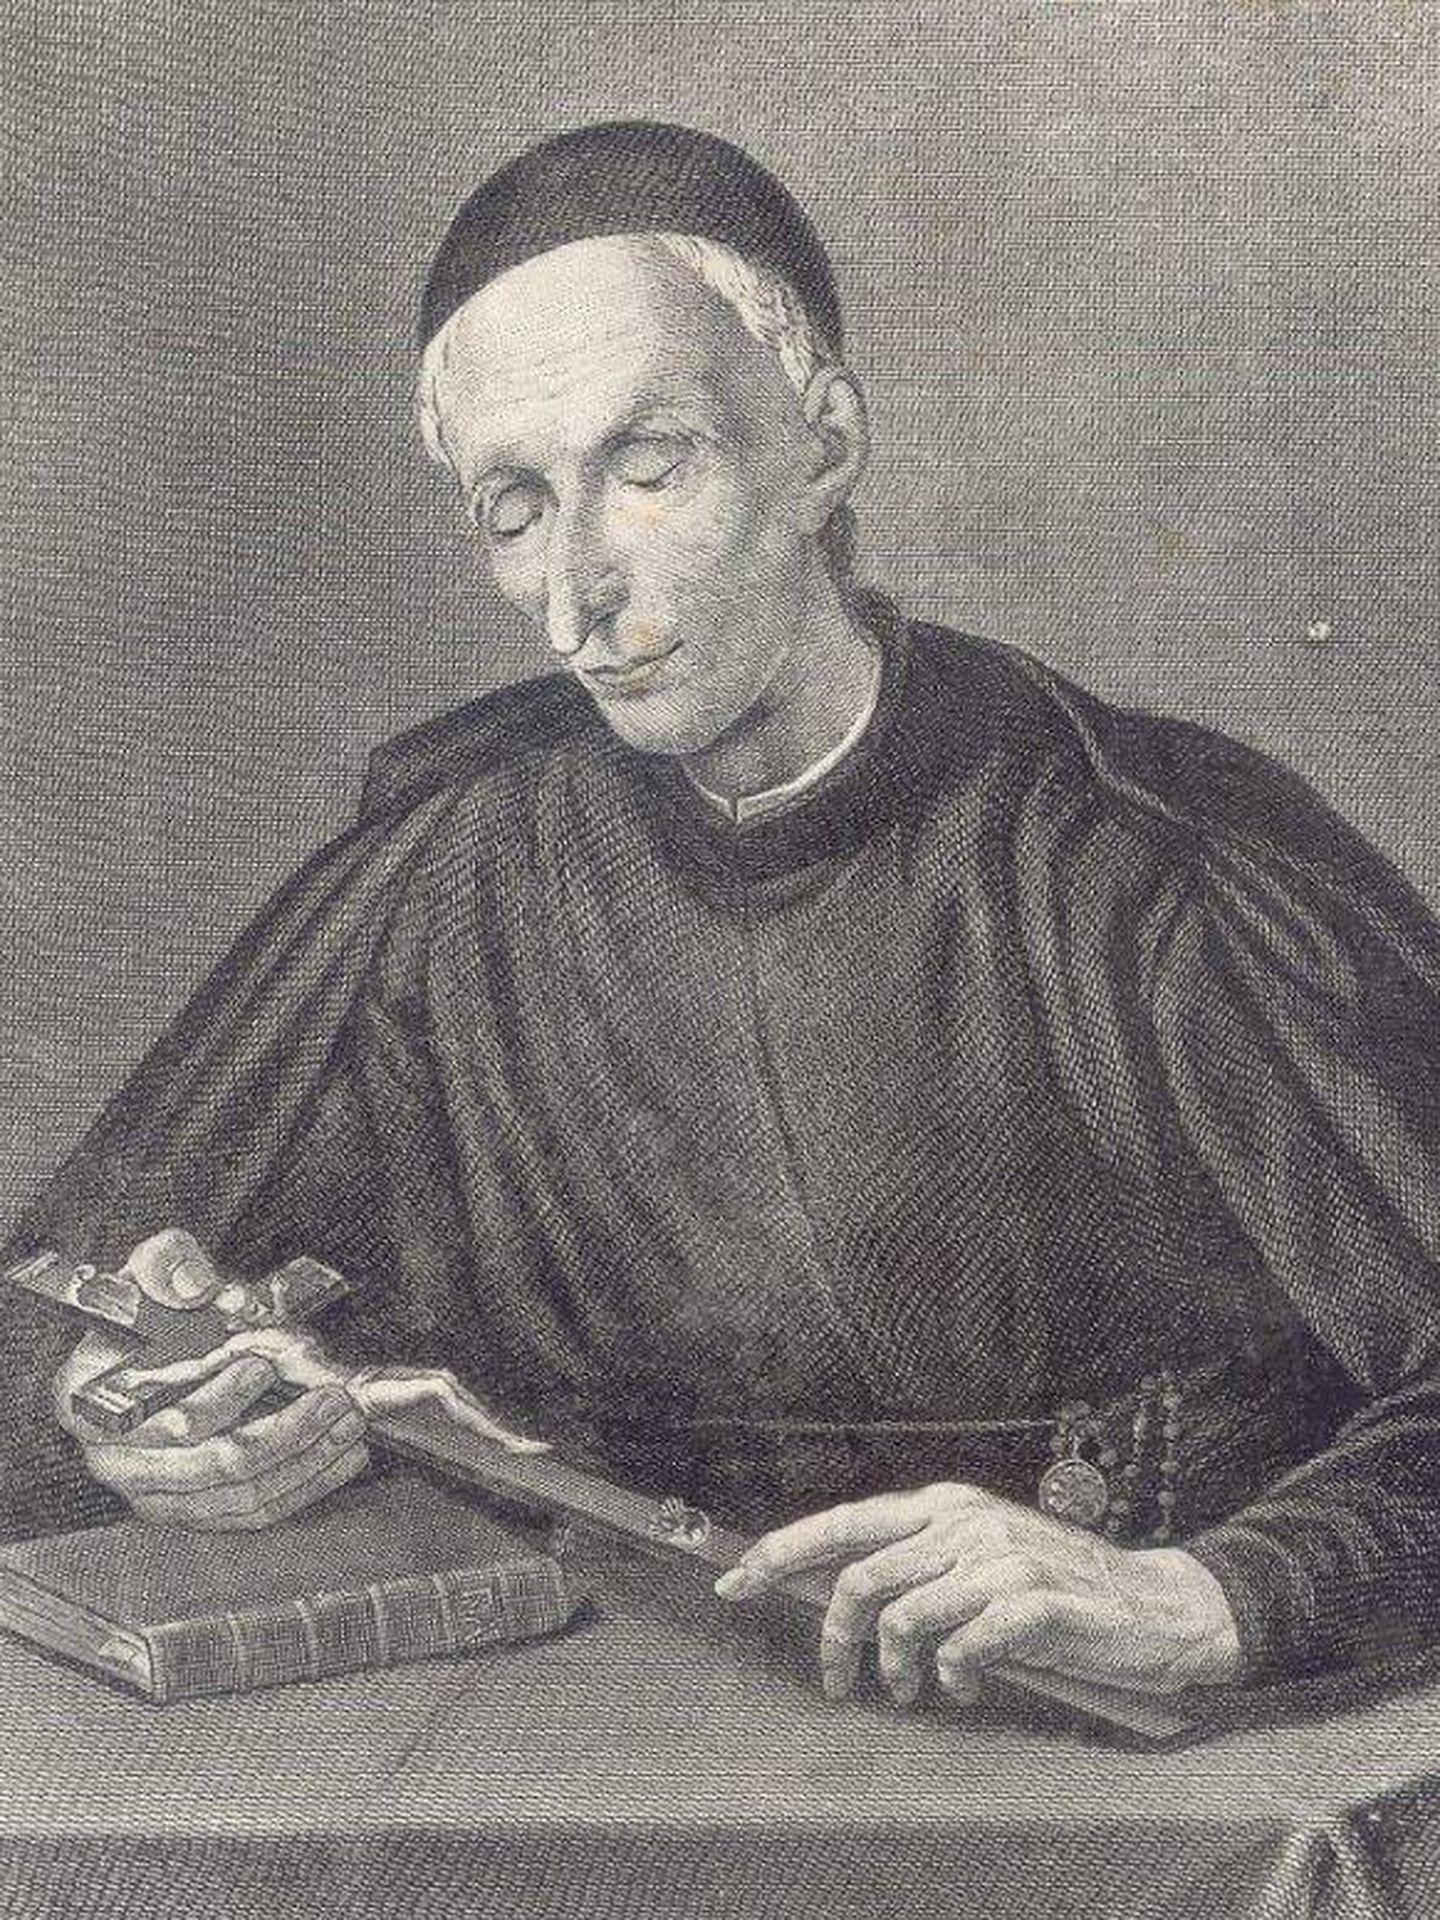 Retrato de San José de Pignatelli, restaurador de la Compañía de Jesús. (C.C.)